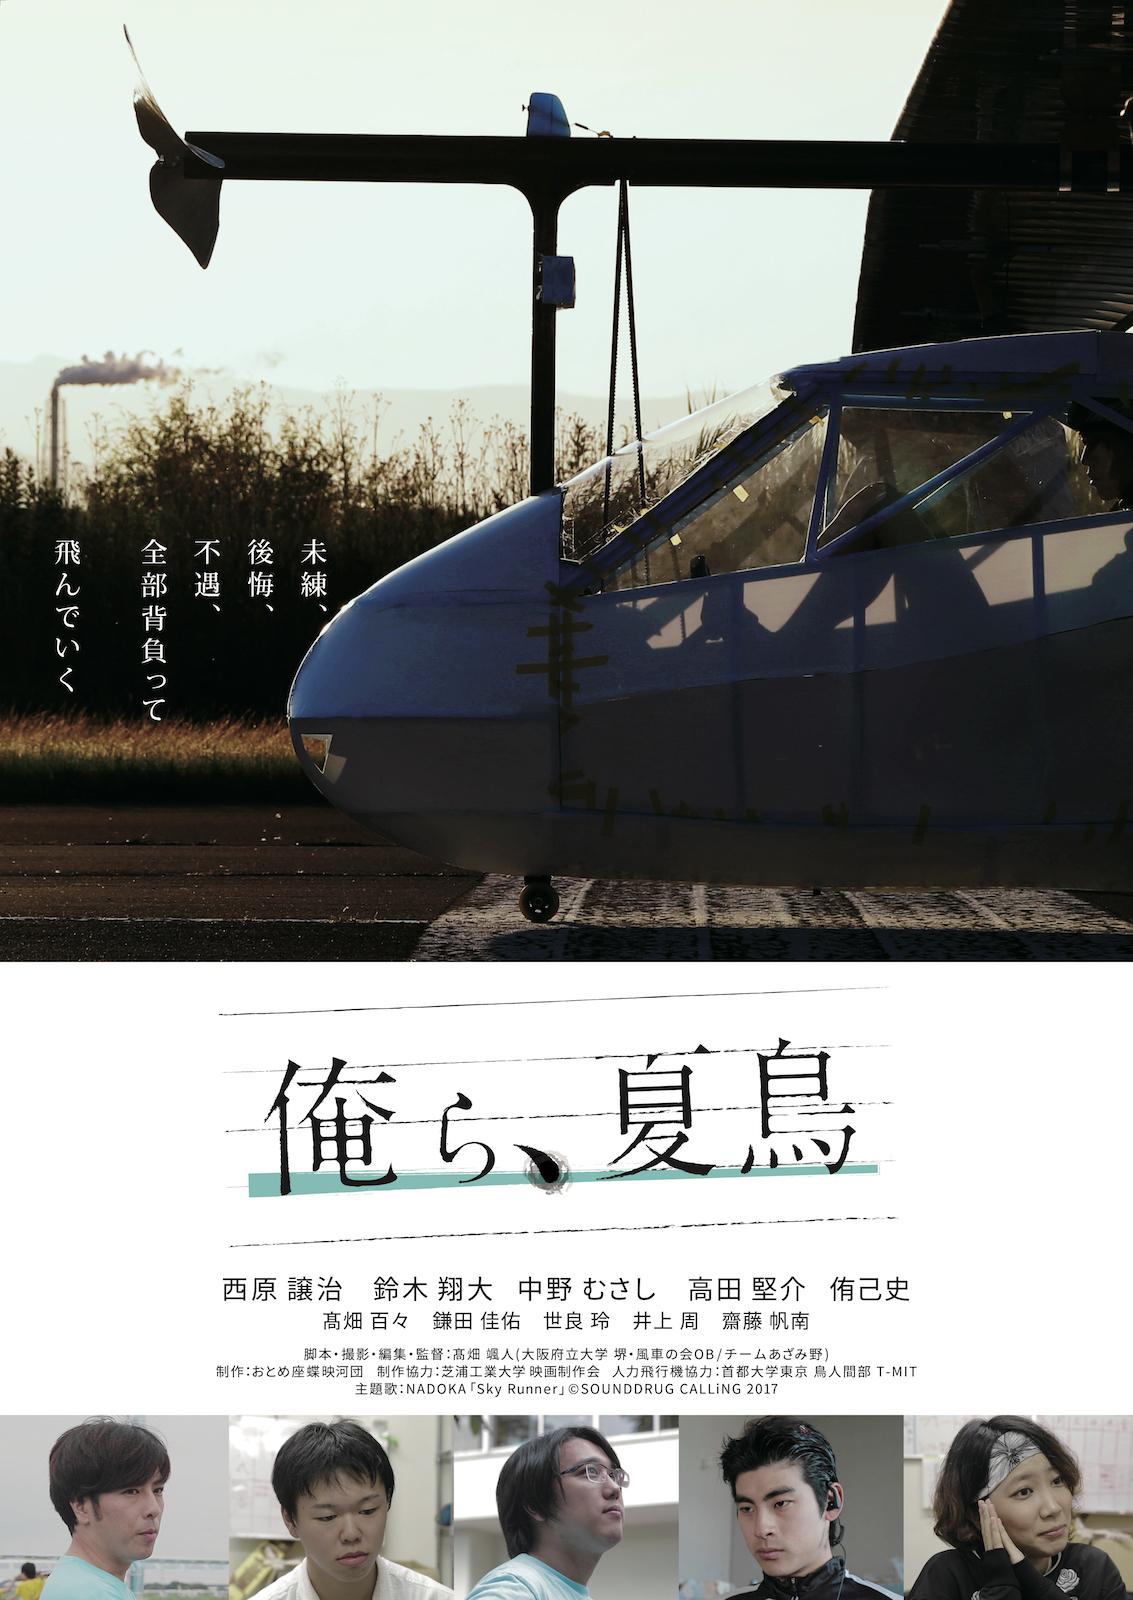 僕ら、夏鳥_納品用 -画像出力用re.jpg